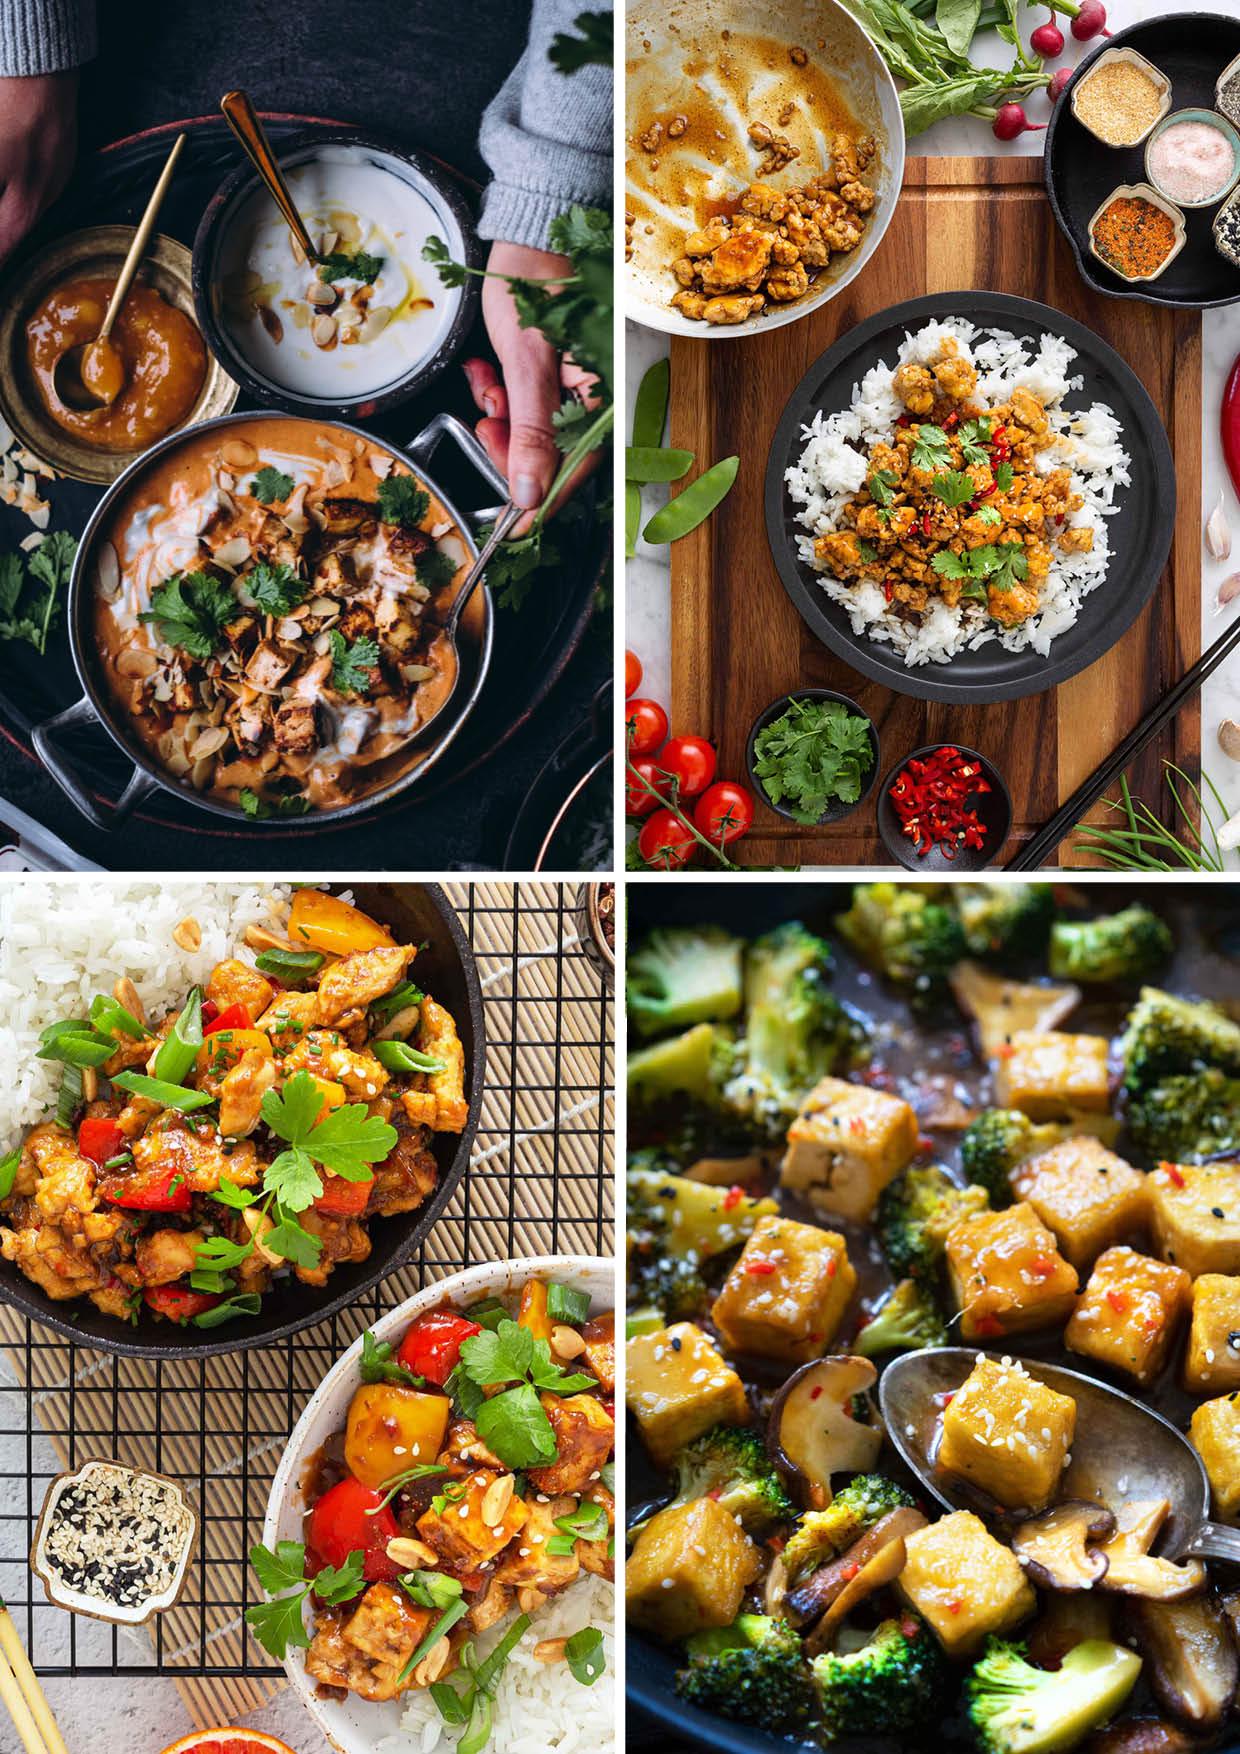 Maistuvaa aasialaista ruokaa.